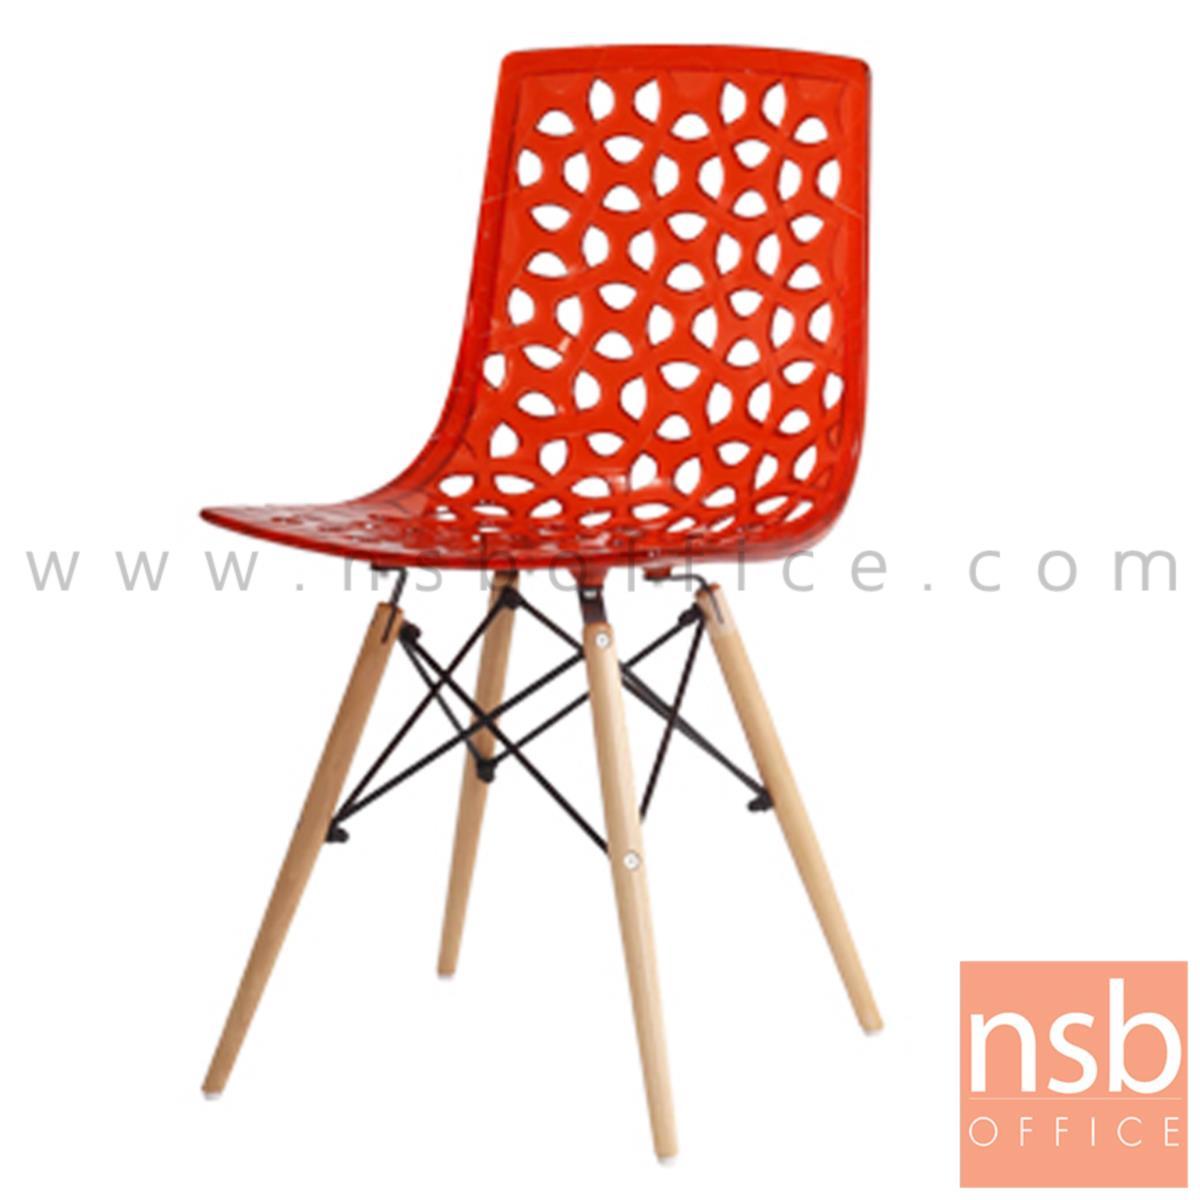 B29A150:เก้าอี้โมเดิร์นพลาสติก(PC) รุ่น Alsea ขนาด 48W cm. โครงเหล็กเส้นพ่นดำ ขาไม้